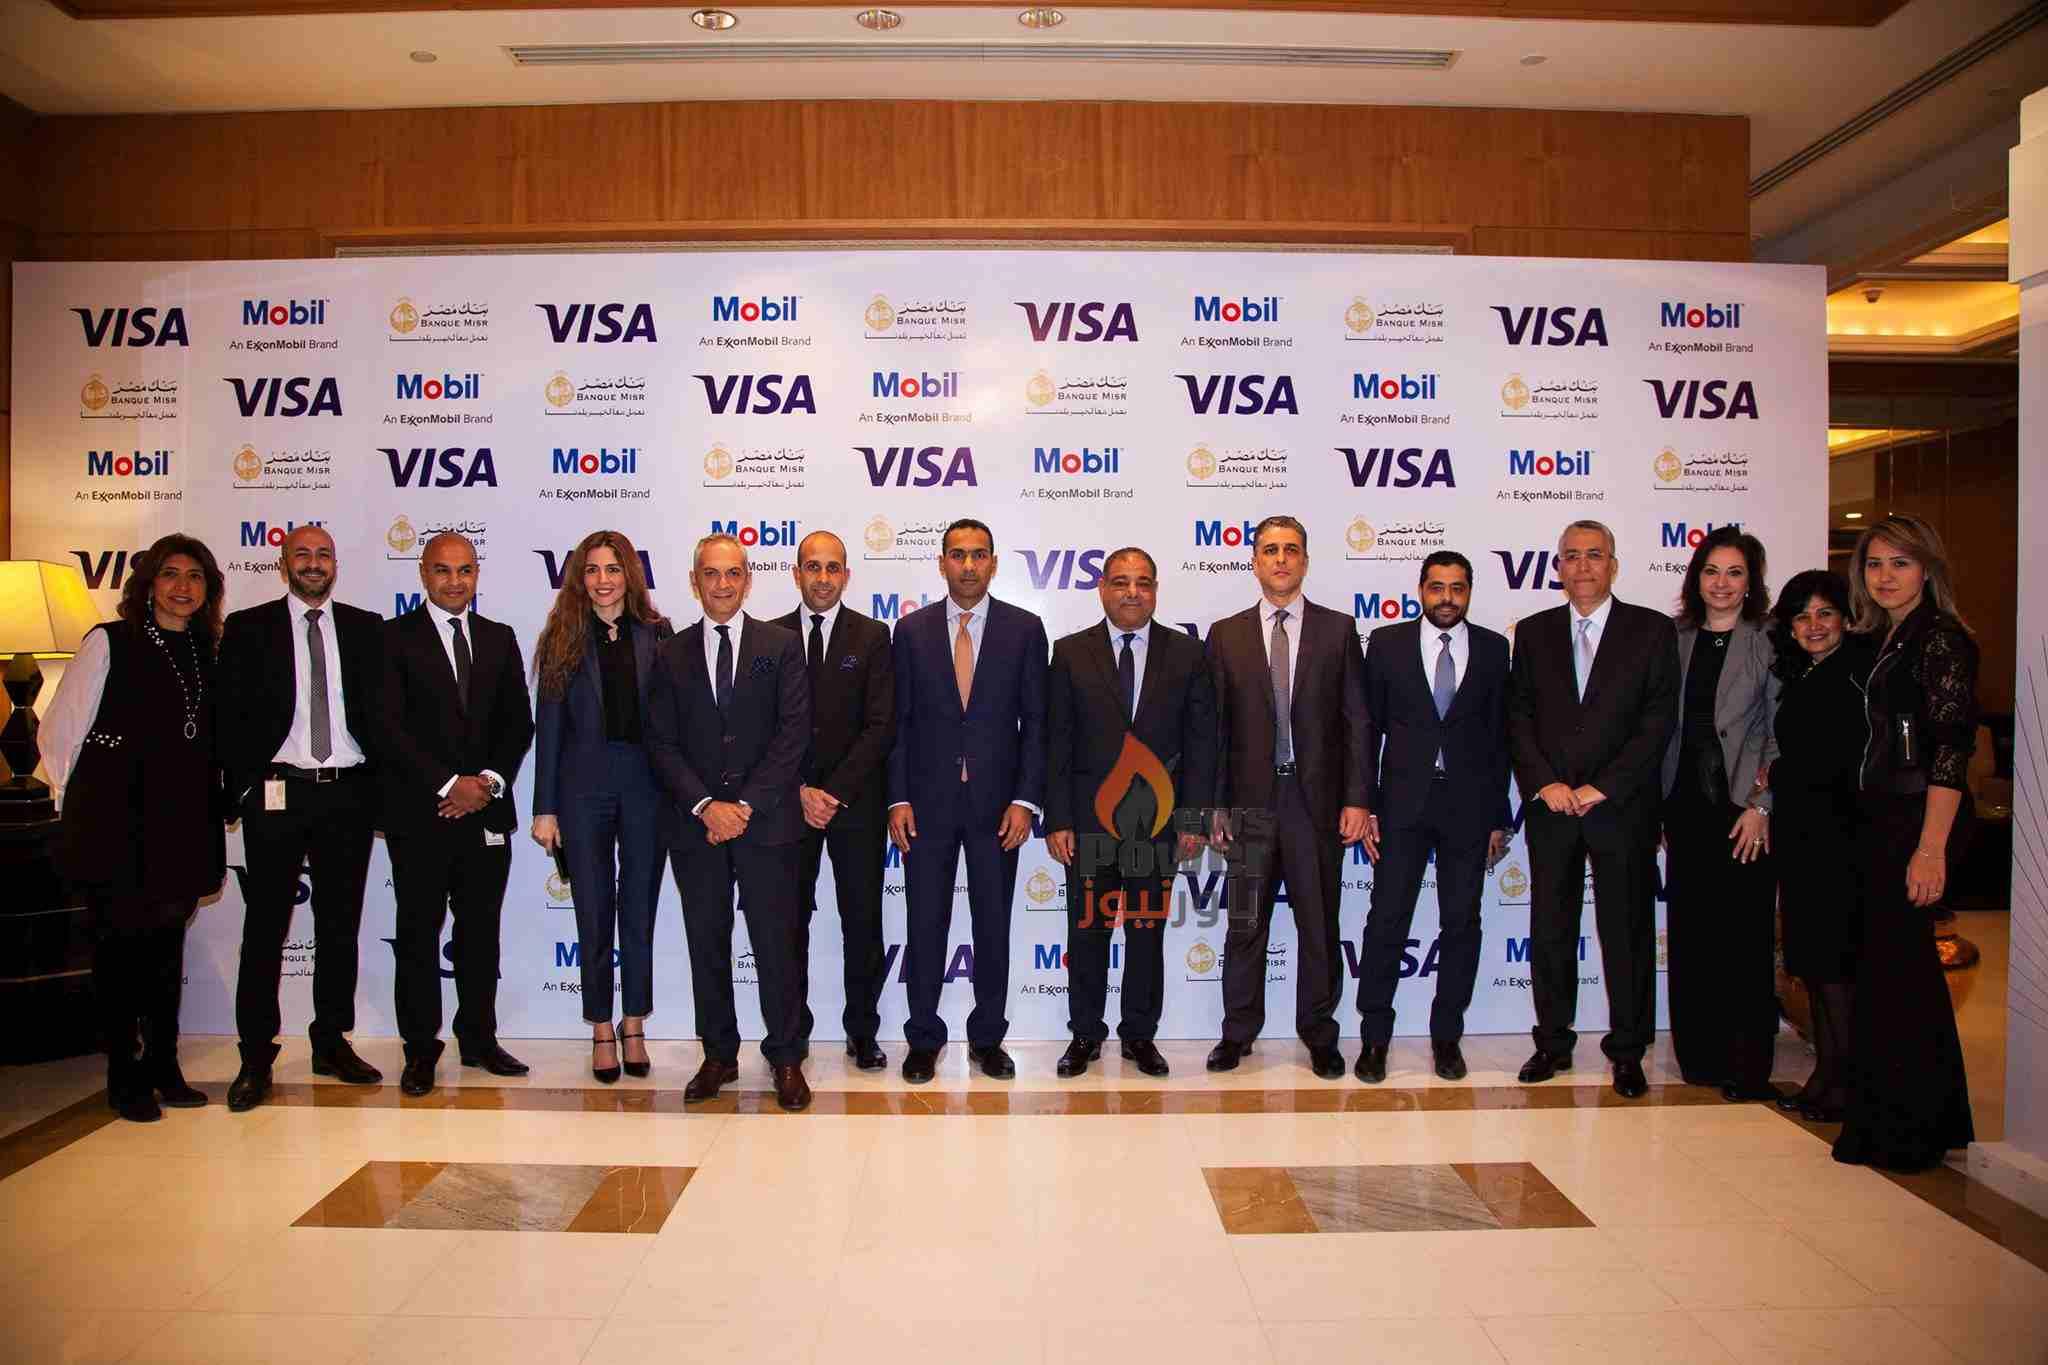 بنك مصر يتعاون مع فيزا واكسون موبيل مصر بهدف توسيع نطاق قبول المدفوعات الالكترونية للخدمات البترولية